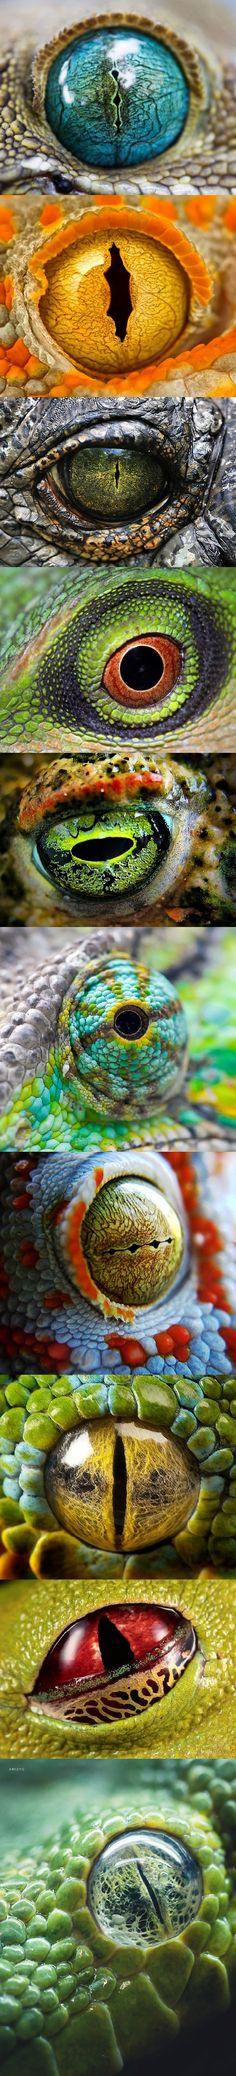 Ojos de diversos reptiles (y creo que un ojo de amfibio)